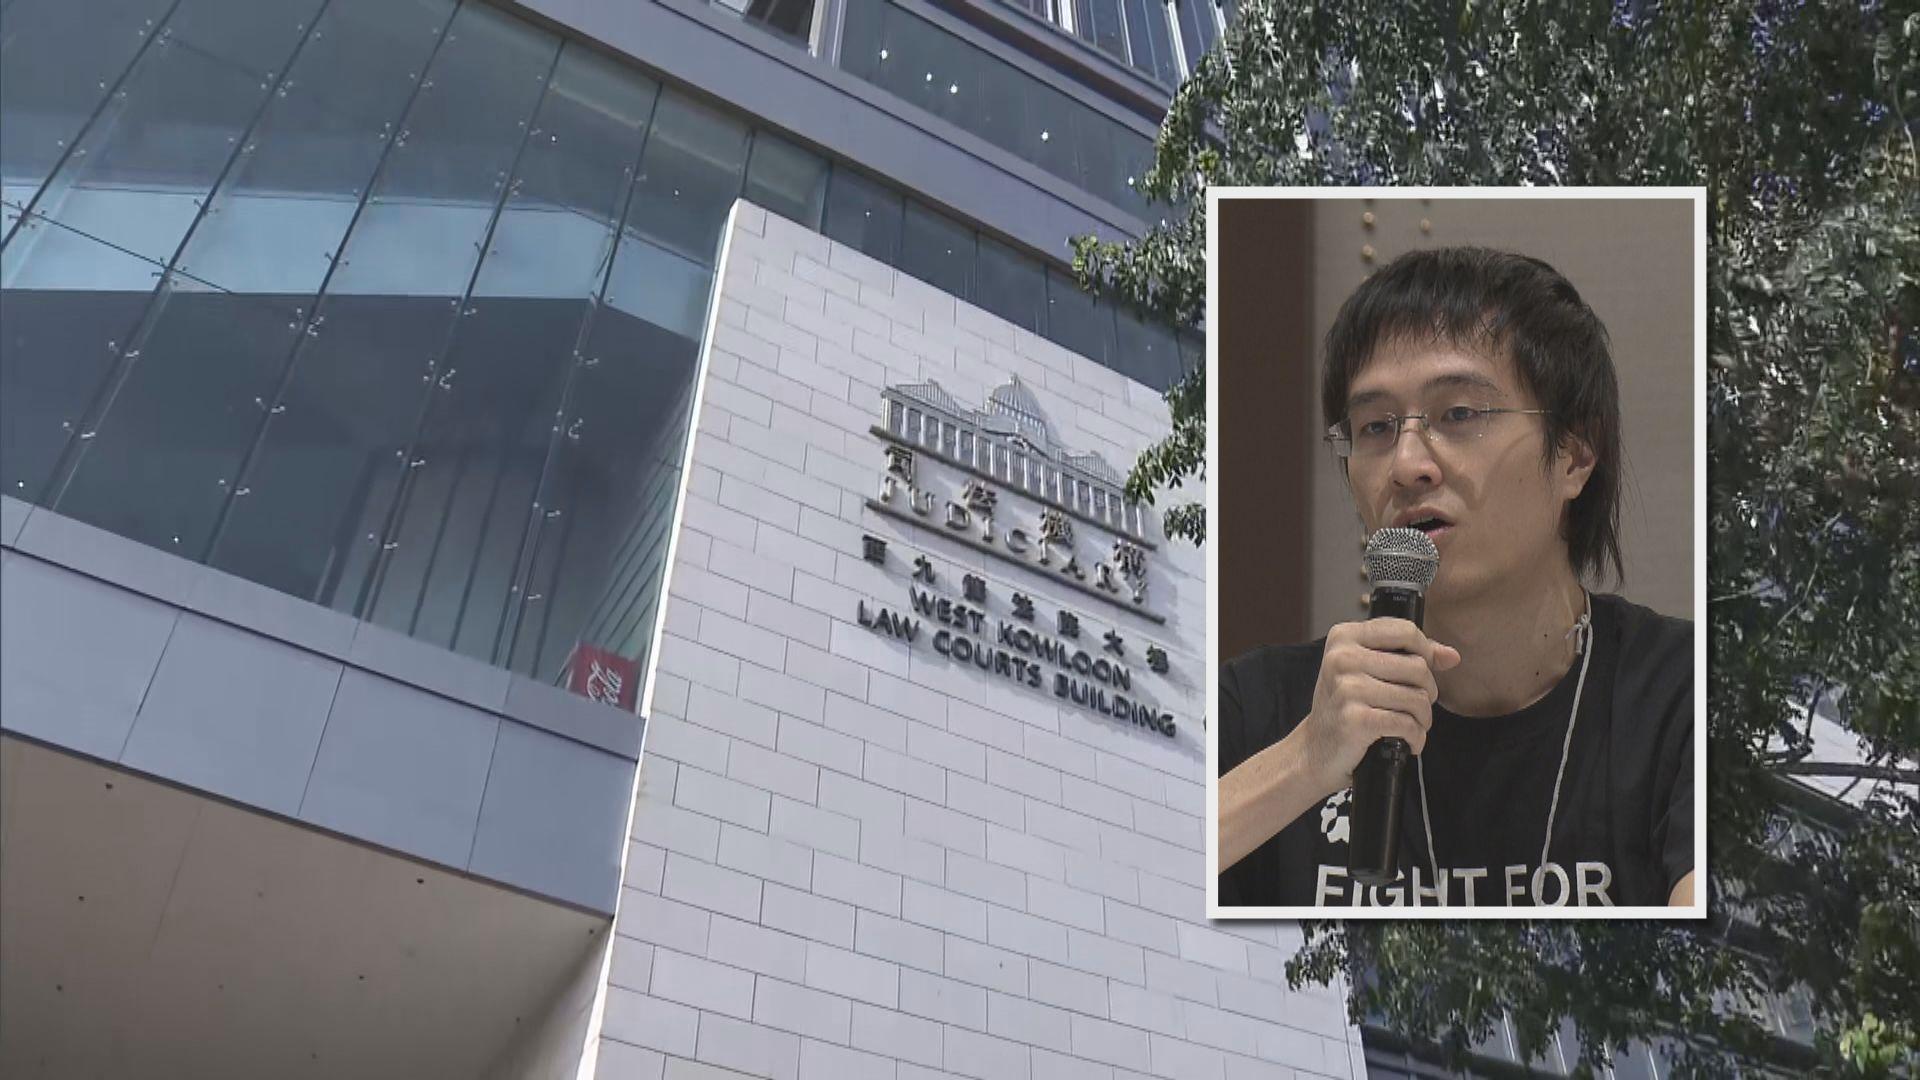 李宇軒被控串謀勾結外國勢力等三罪 押後下周三再提堂